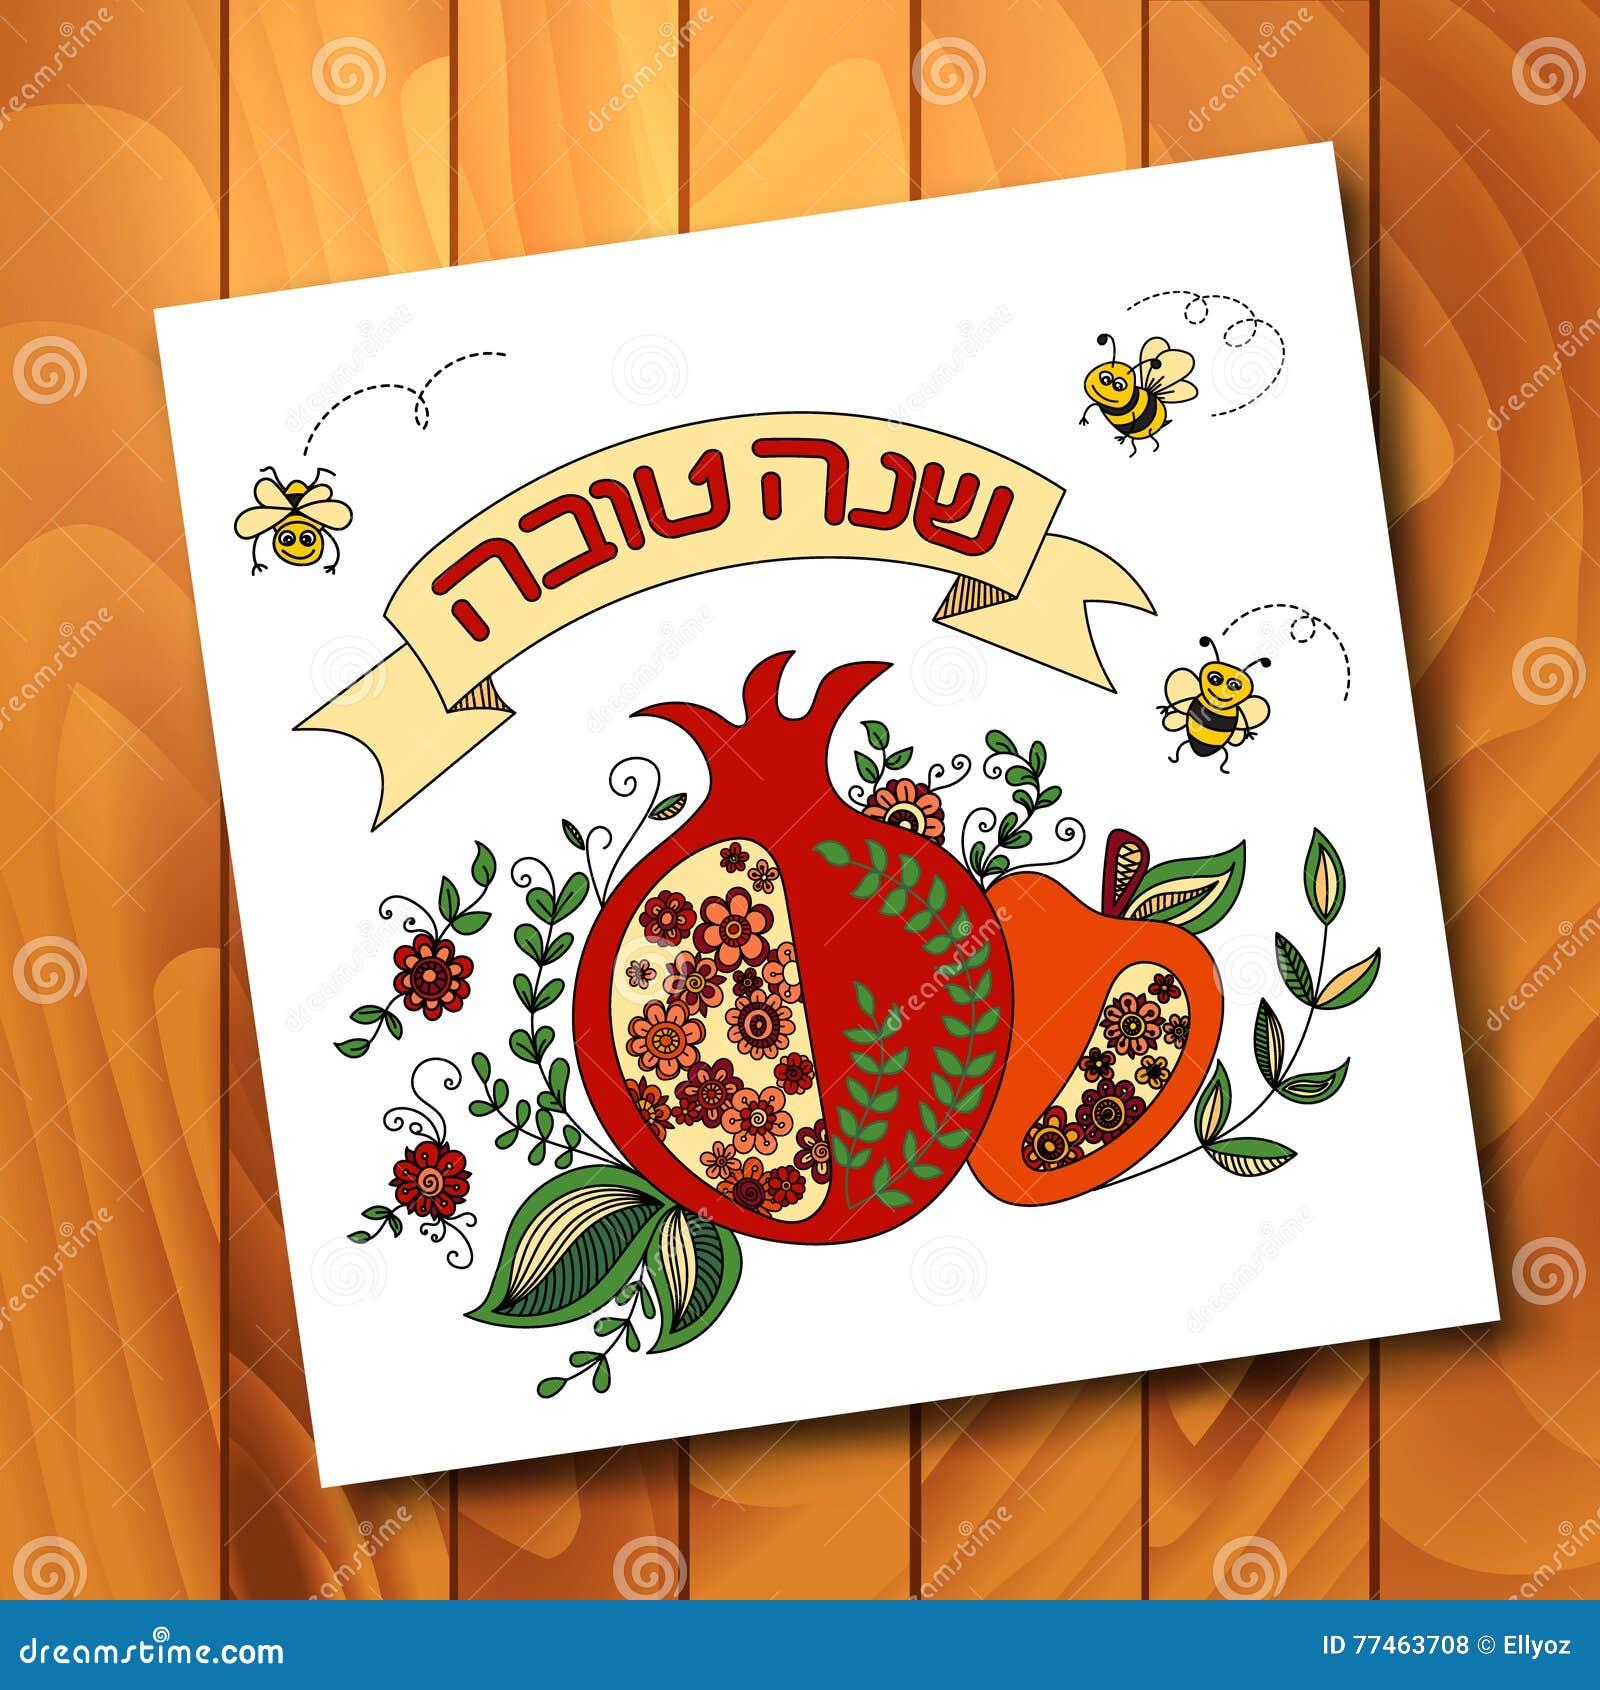 Rosh hashanah jewish new year greeting card stock vector download rosh hashanah jewish new year greeting card stock vector illustration of happy m4hsunfo